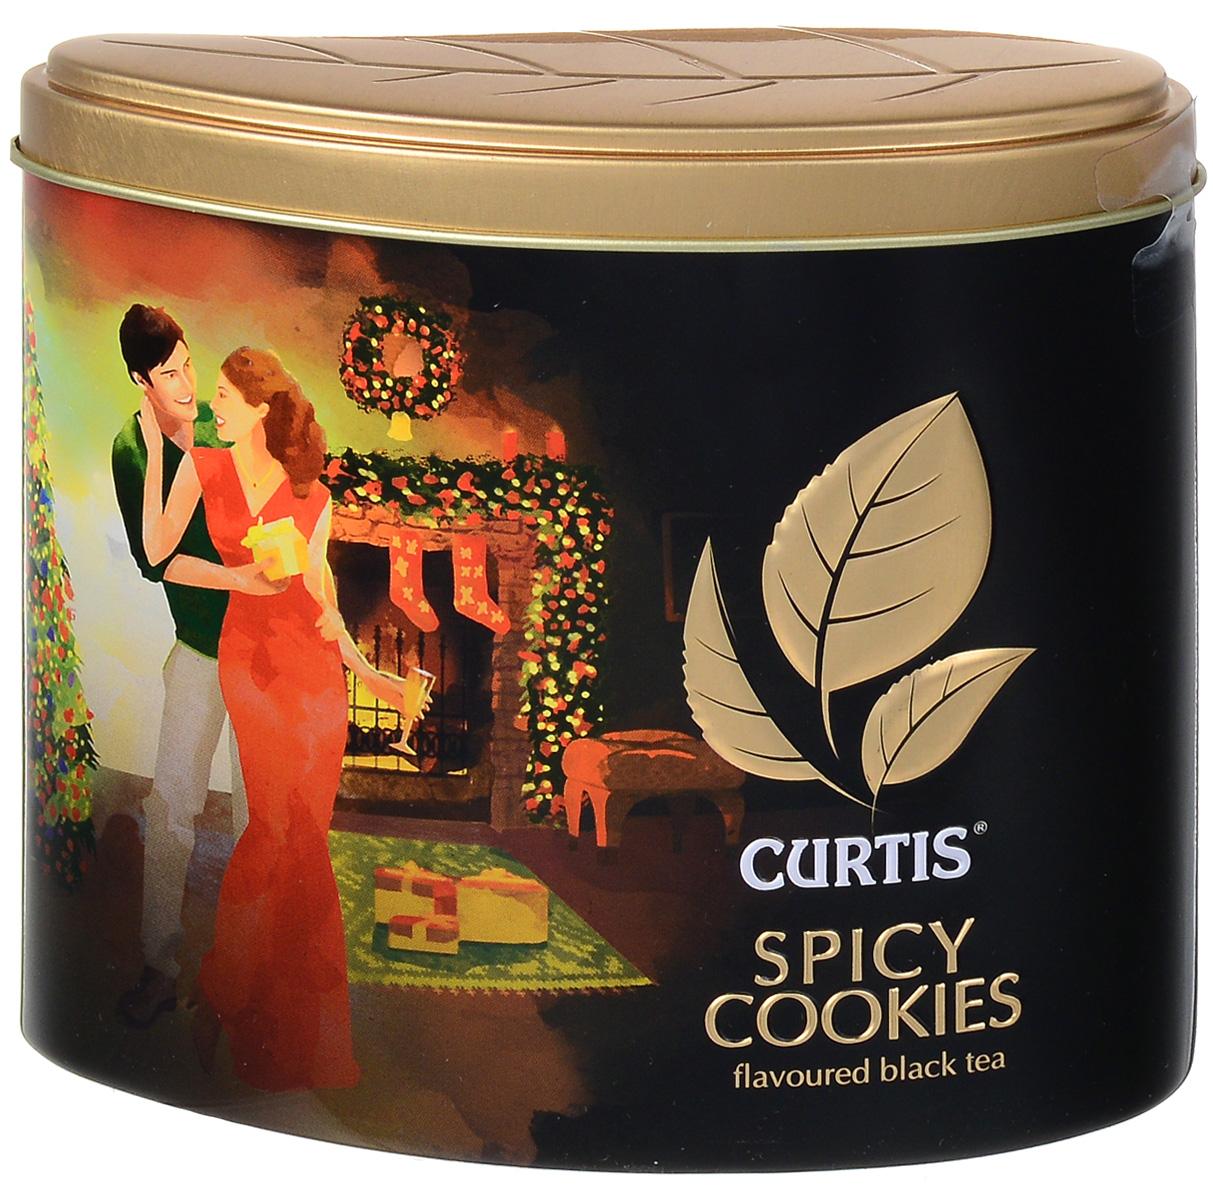 Curtis Spicy Cookies черный листовой чай, 80 г515901Curtis Spicy Cookies - крупнолистовой цейлонский черный чай со вкусом имбирного печенья и ароматом корицы, который подарит вам праздничную атмосферу и согреет зимним вечером.